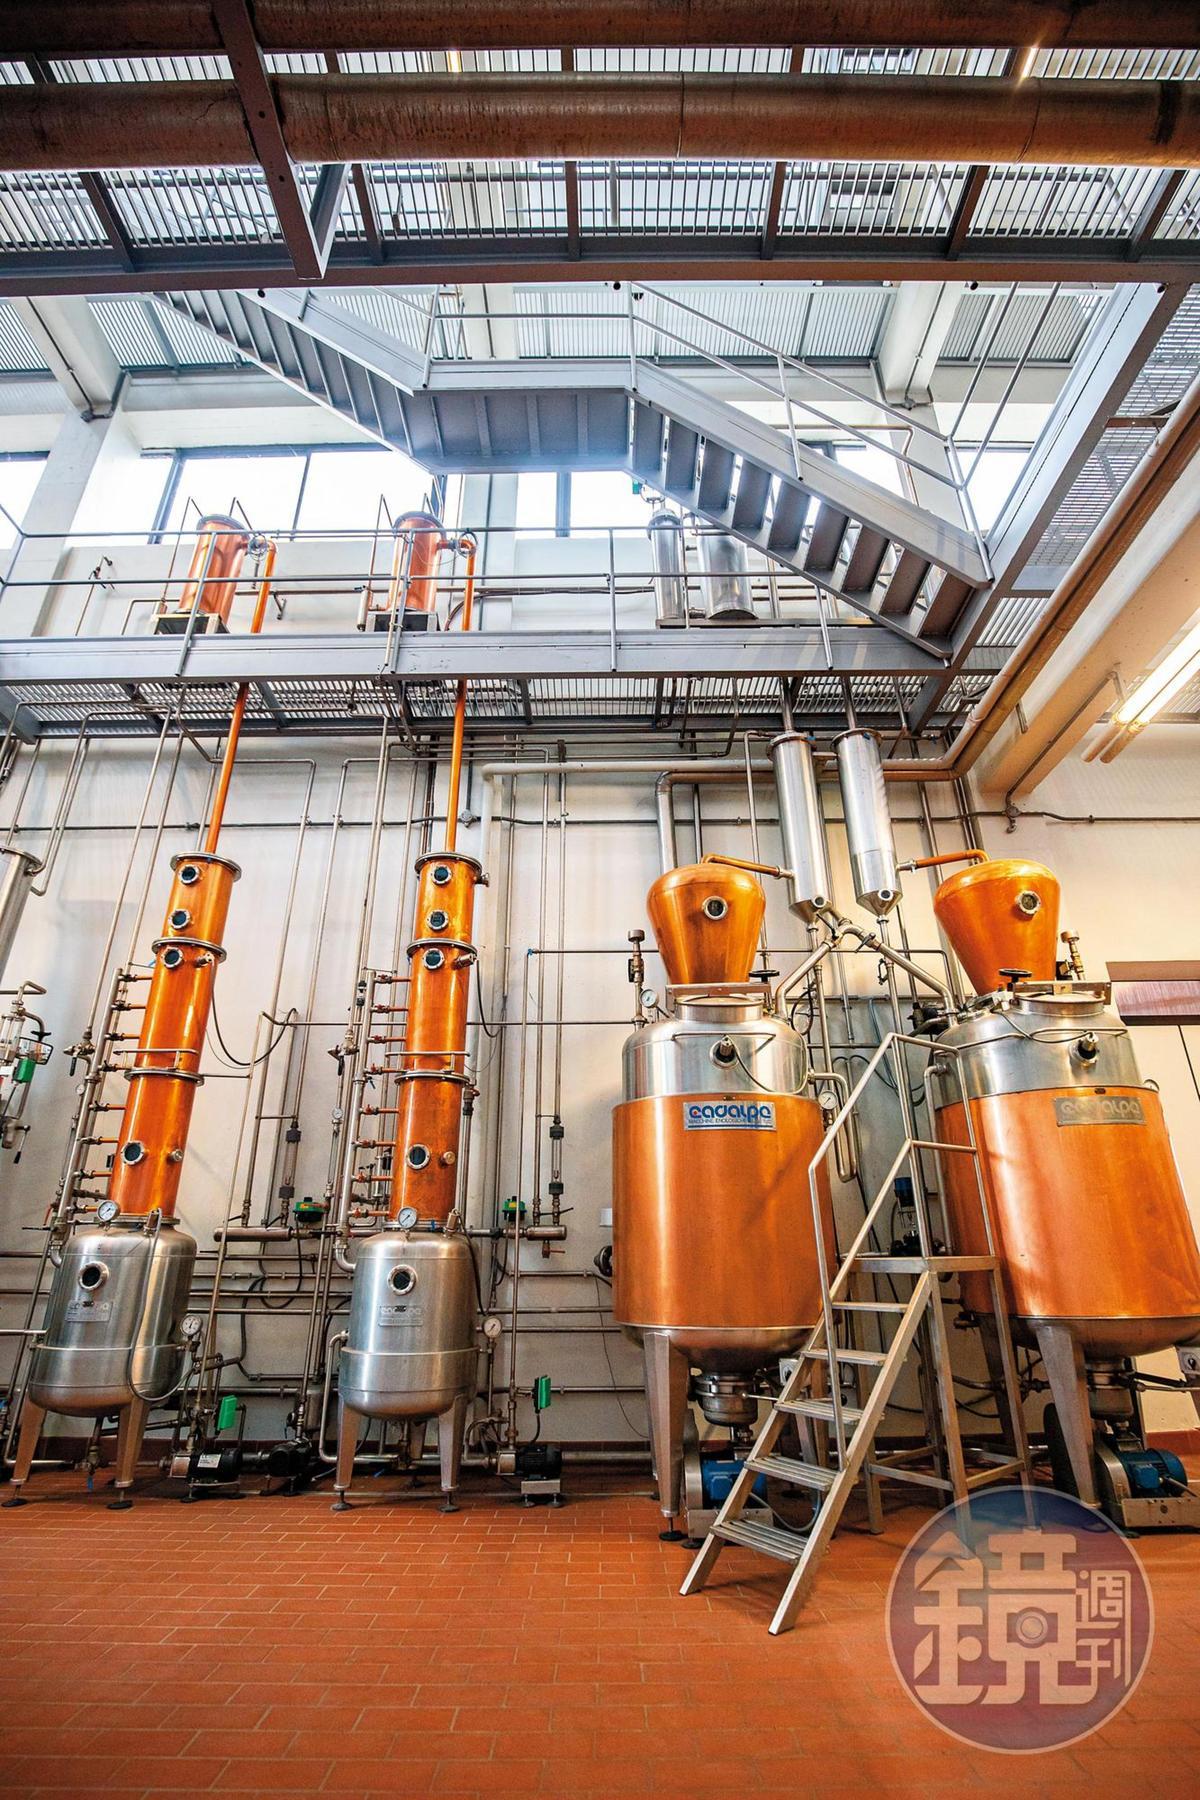 專利的直式蒸餾塔能完整保留葡萄的複雜風味。